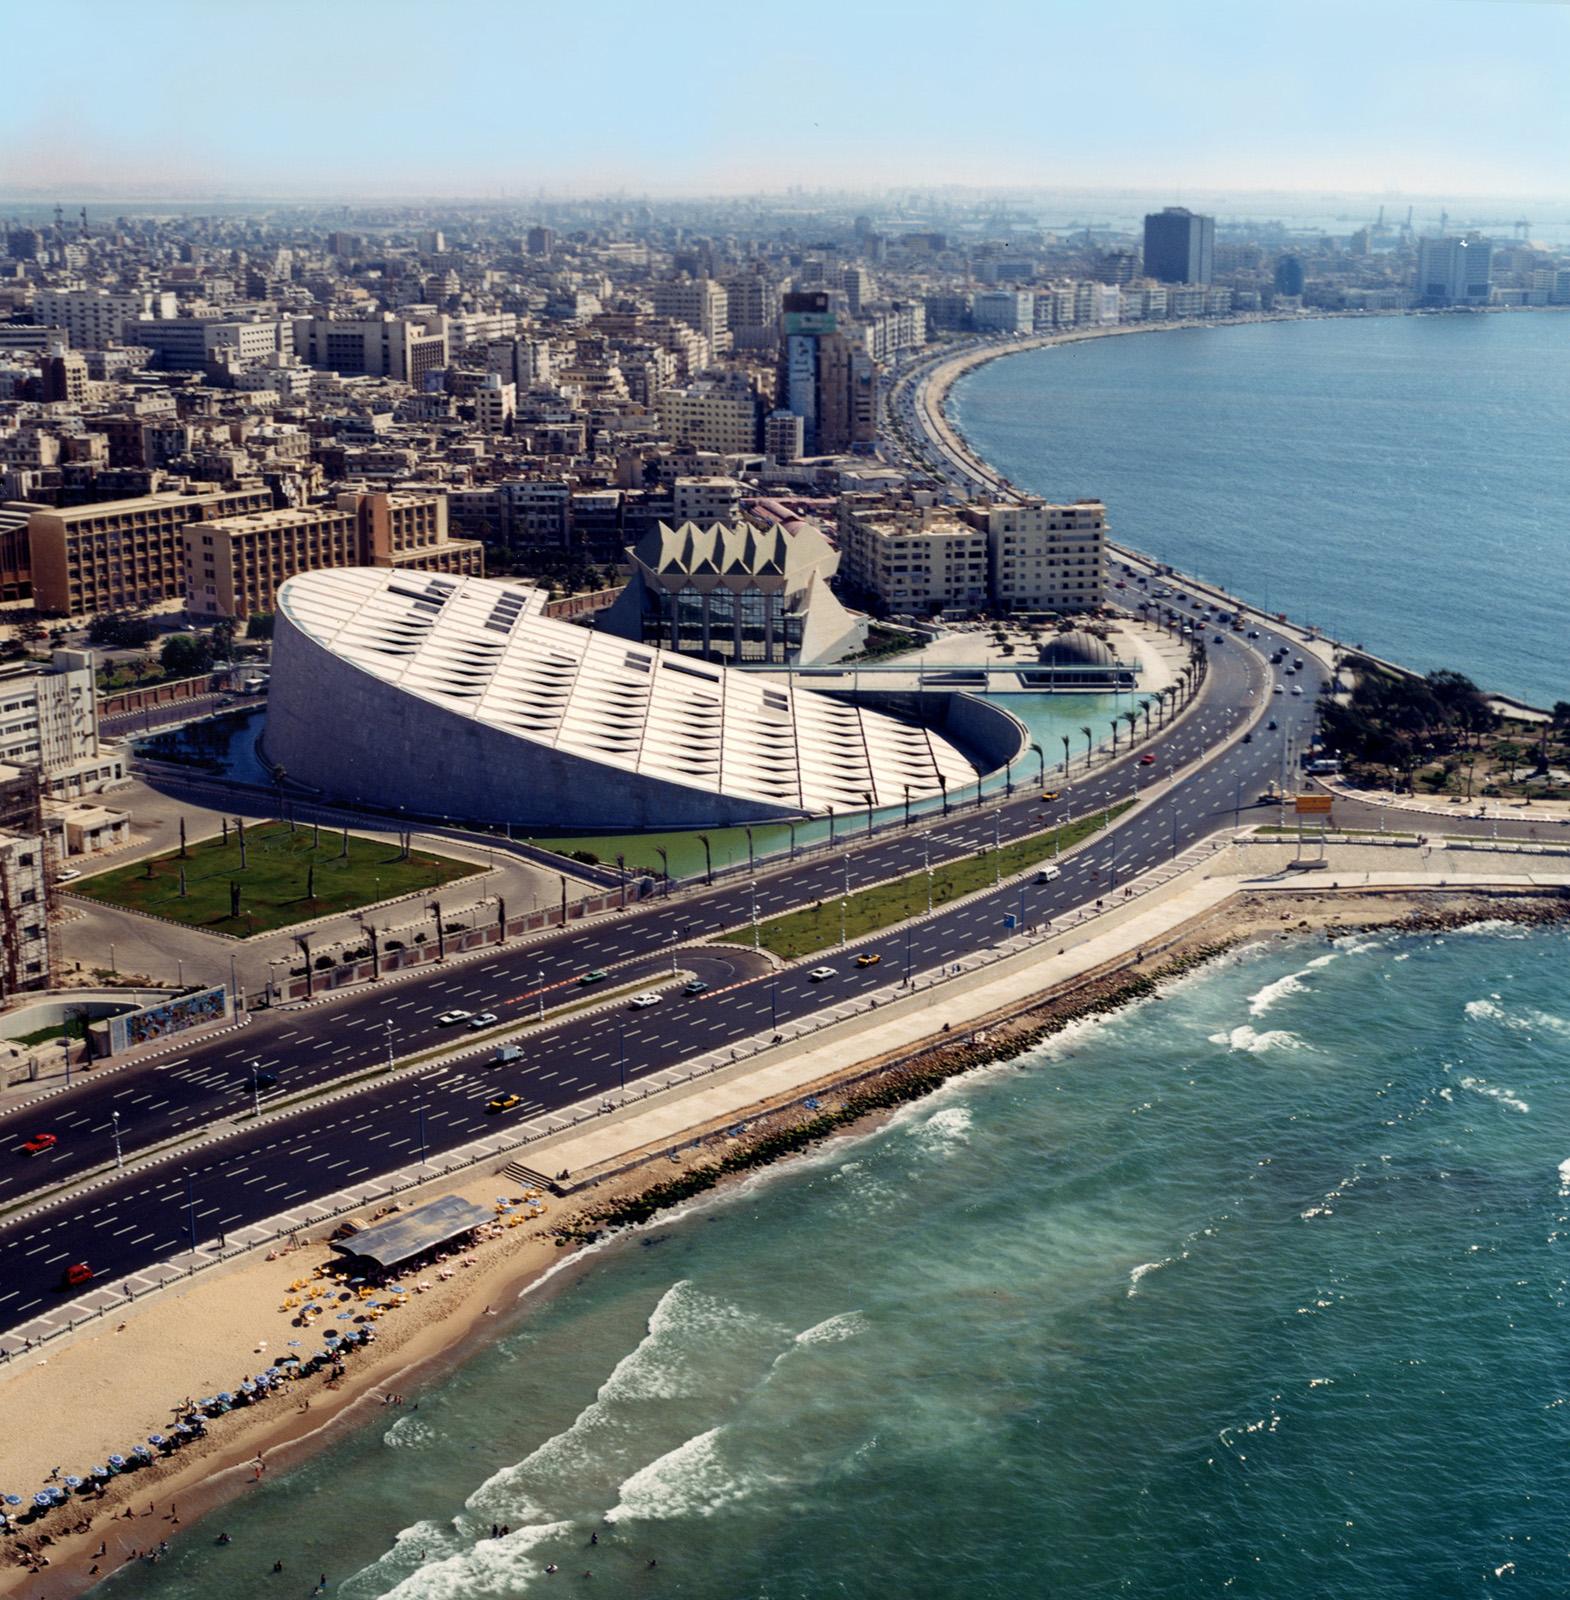 The Alexandria Library in Alexandria, Egypt. Photo by James Willis, courtesy Snøhetta and SFMoMA.